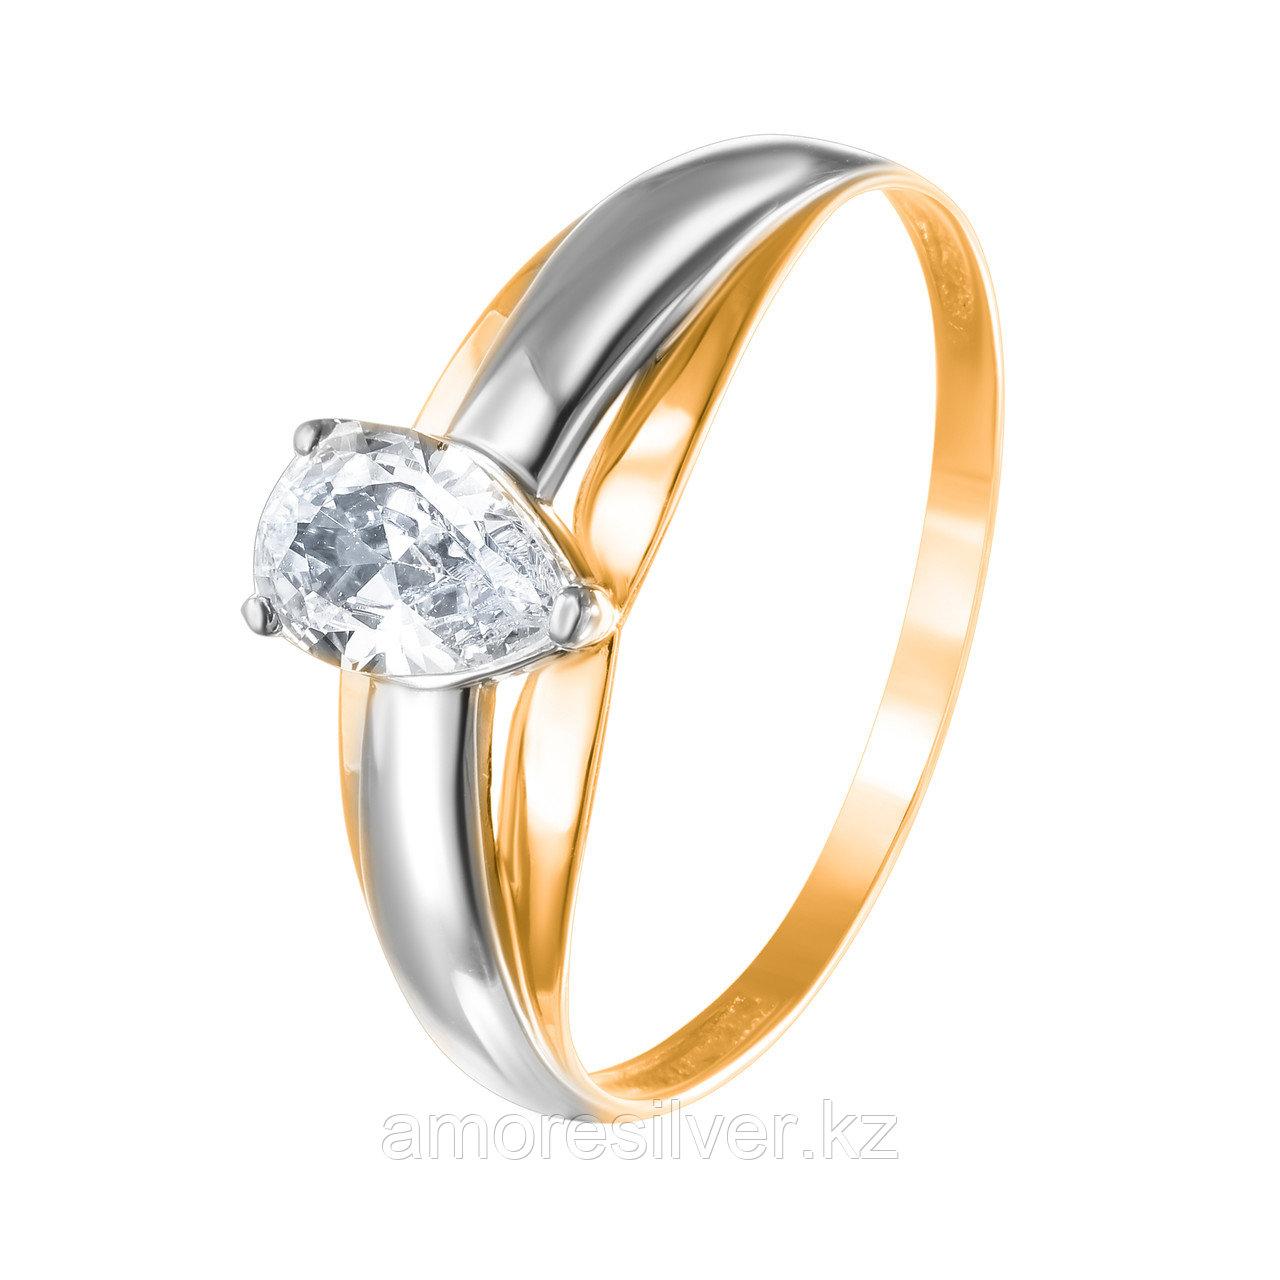 """Кольцо TEOSA серебро с позолотой, фианит, """"каратник"""" 20119-0625-CZ размеры - 18,5"""